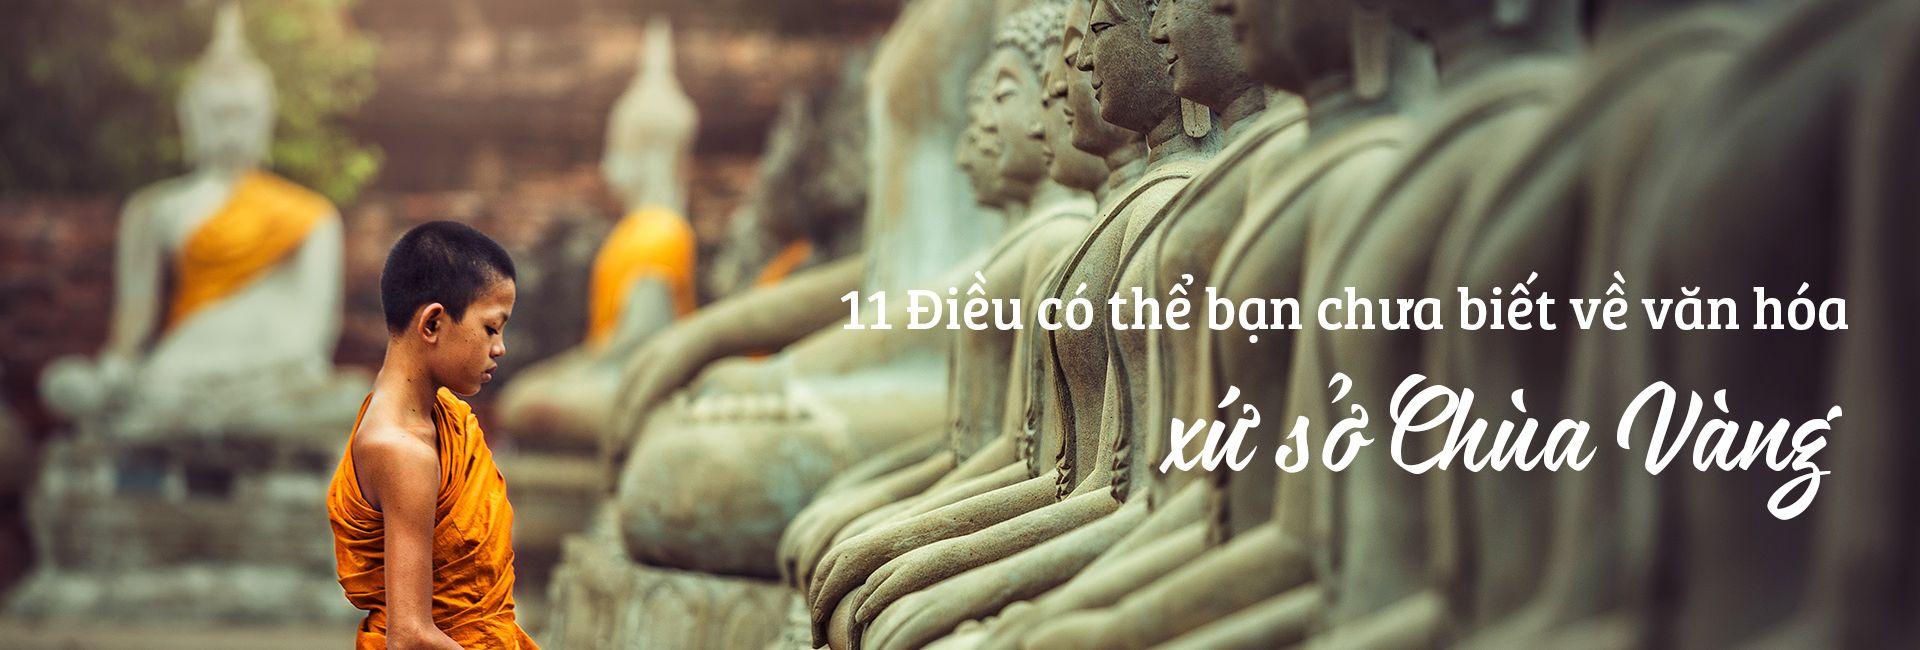 Top 11 điều bạn nên biết về văn hóa Thái Lan